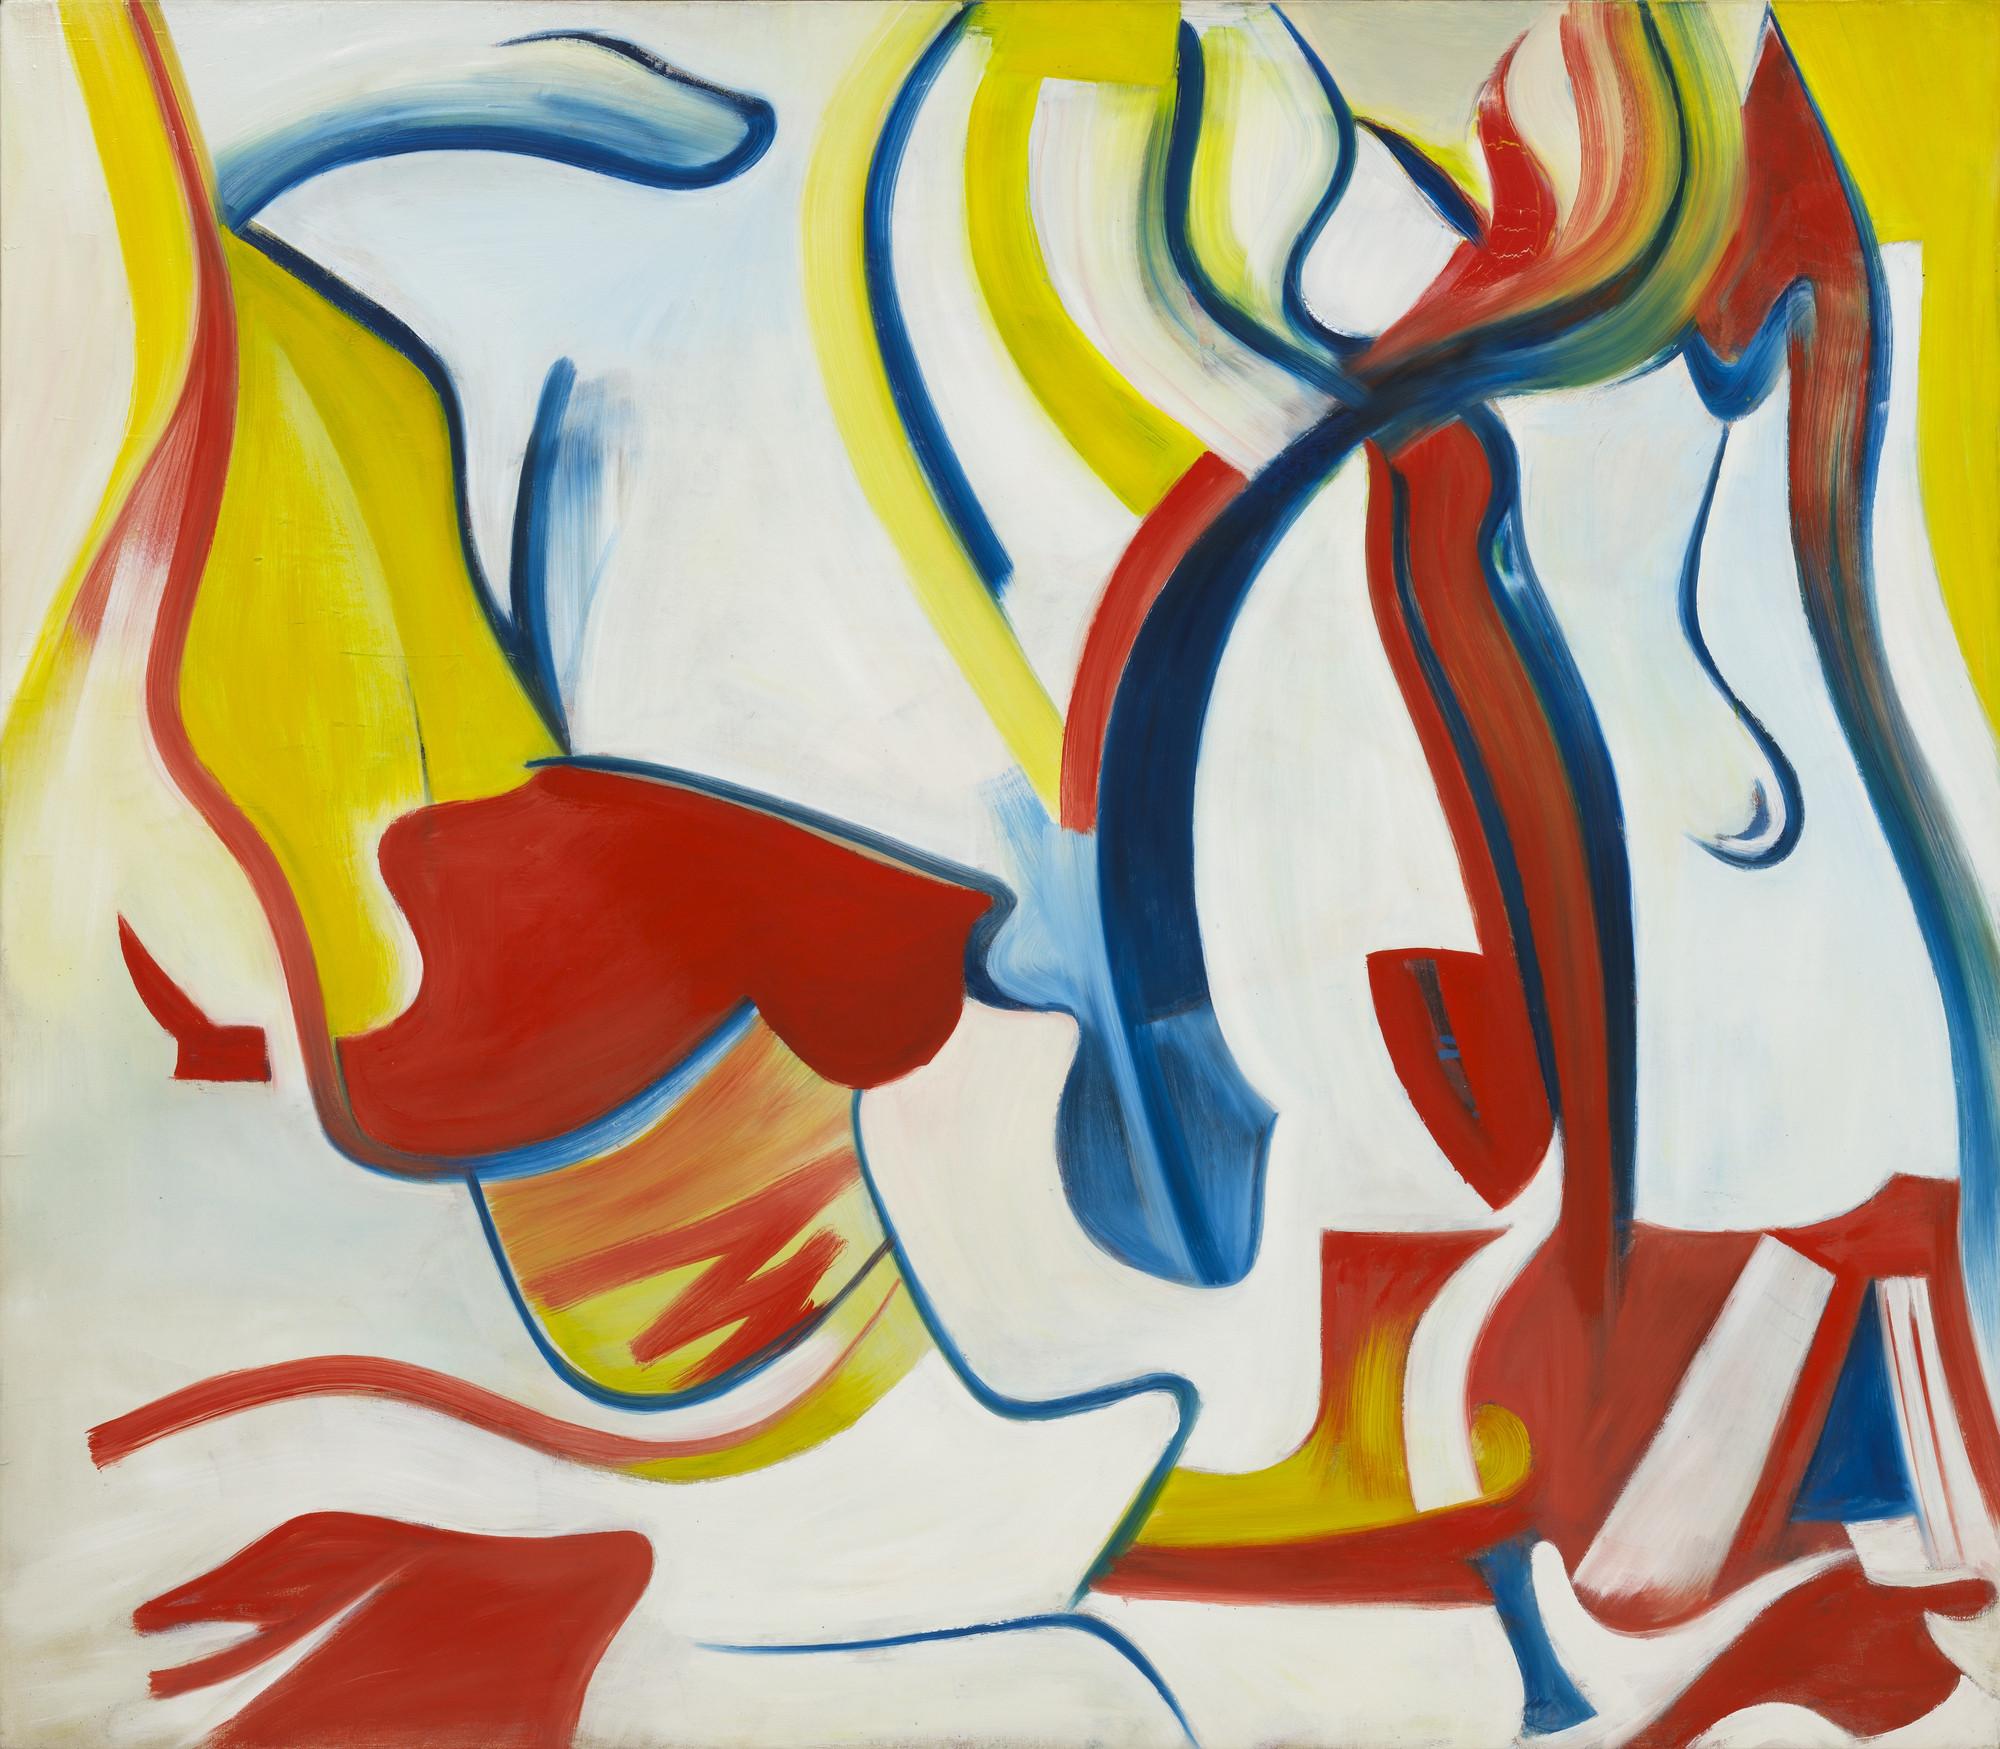 Willem de Kooning. Rider (Untitled VII). 1985